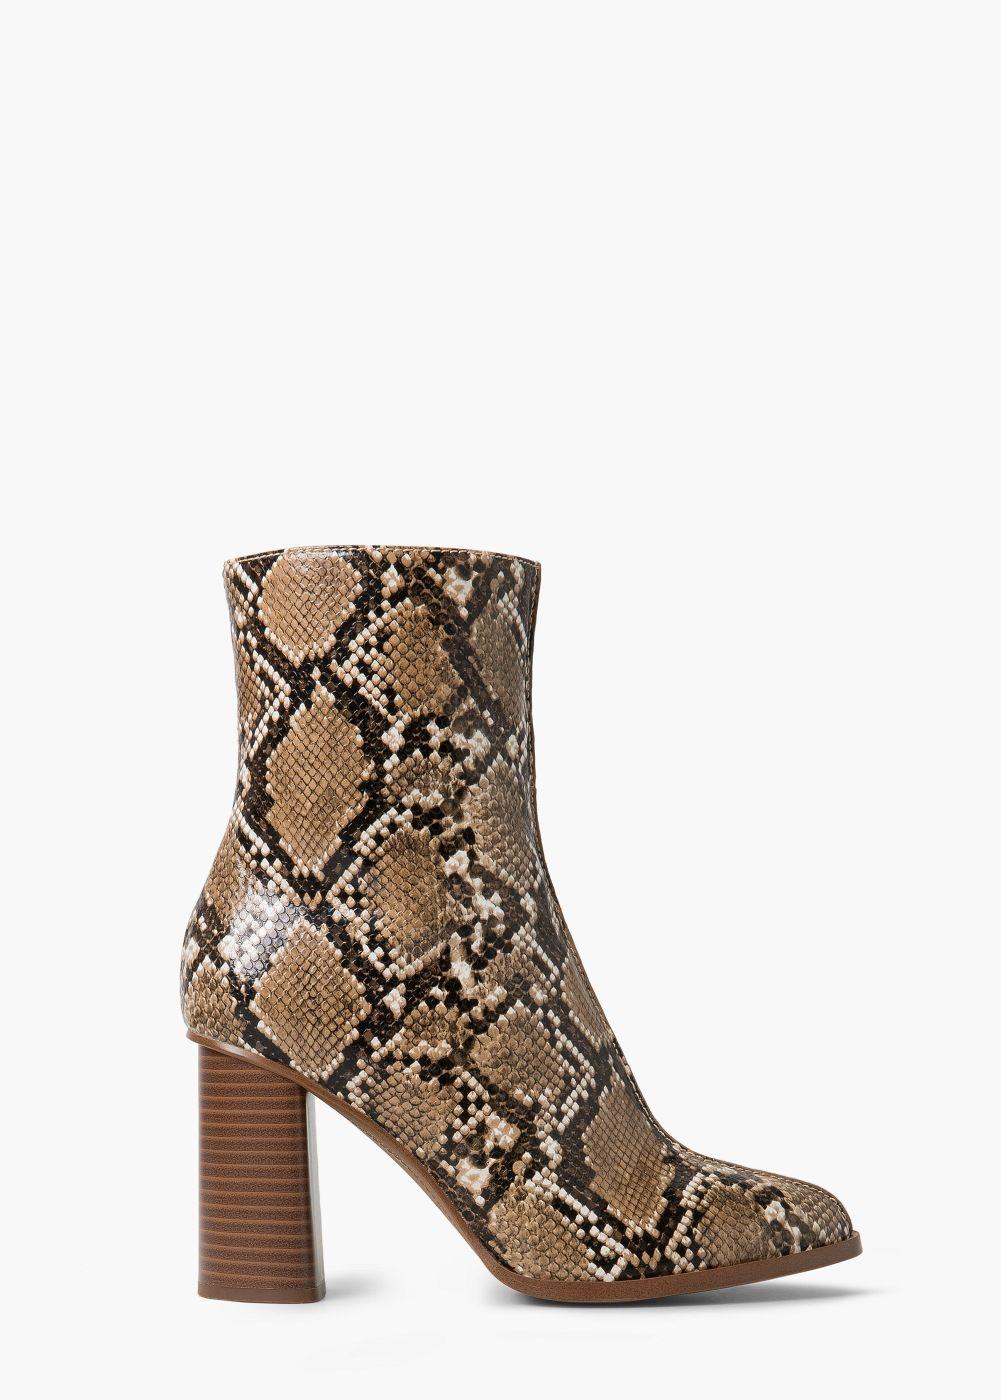 bottines imitation serpent | chaussures pour femmes, serpent et